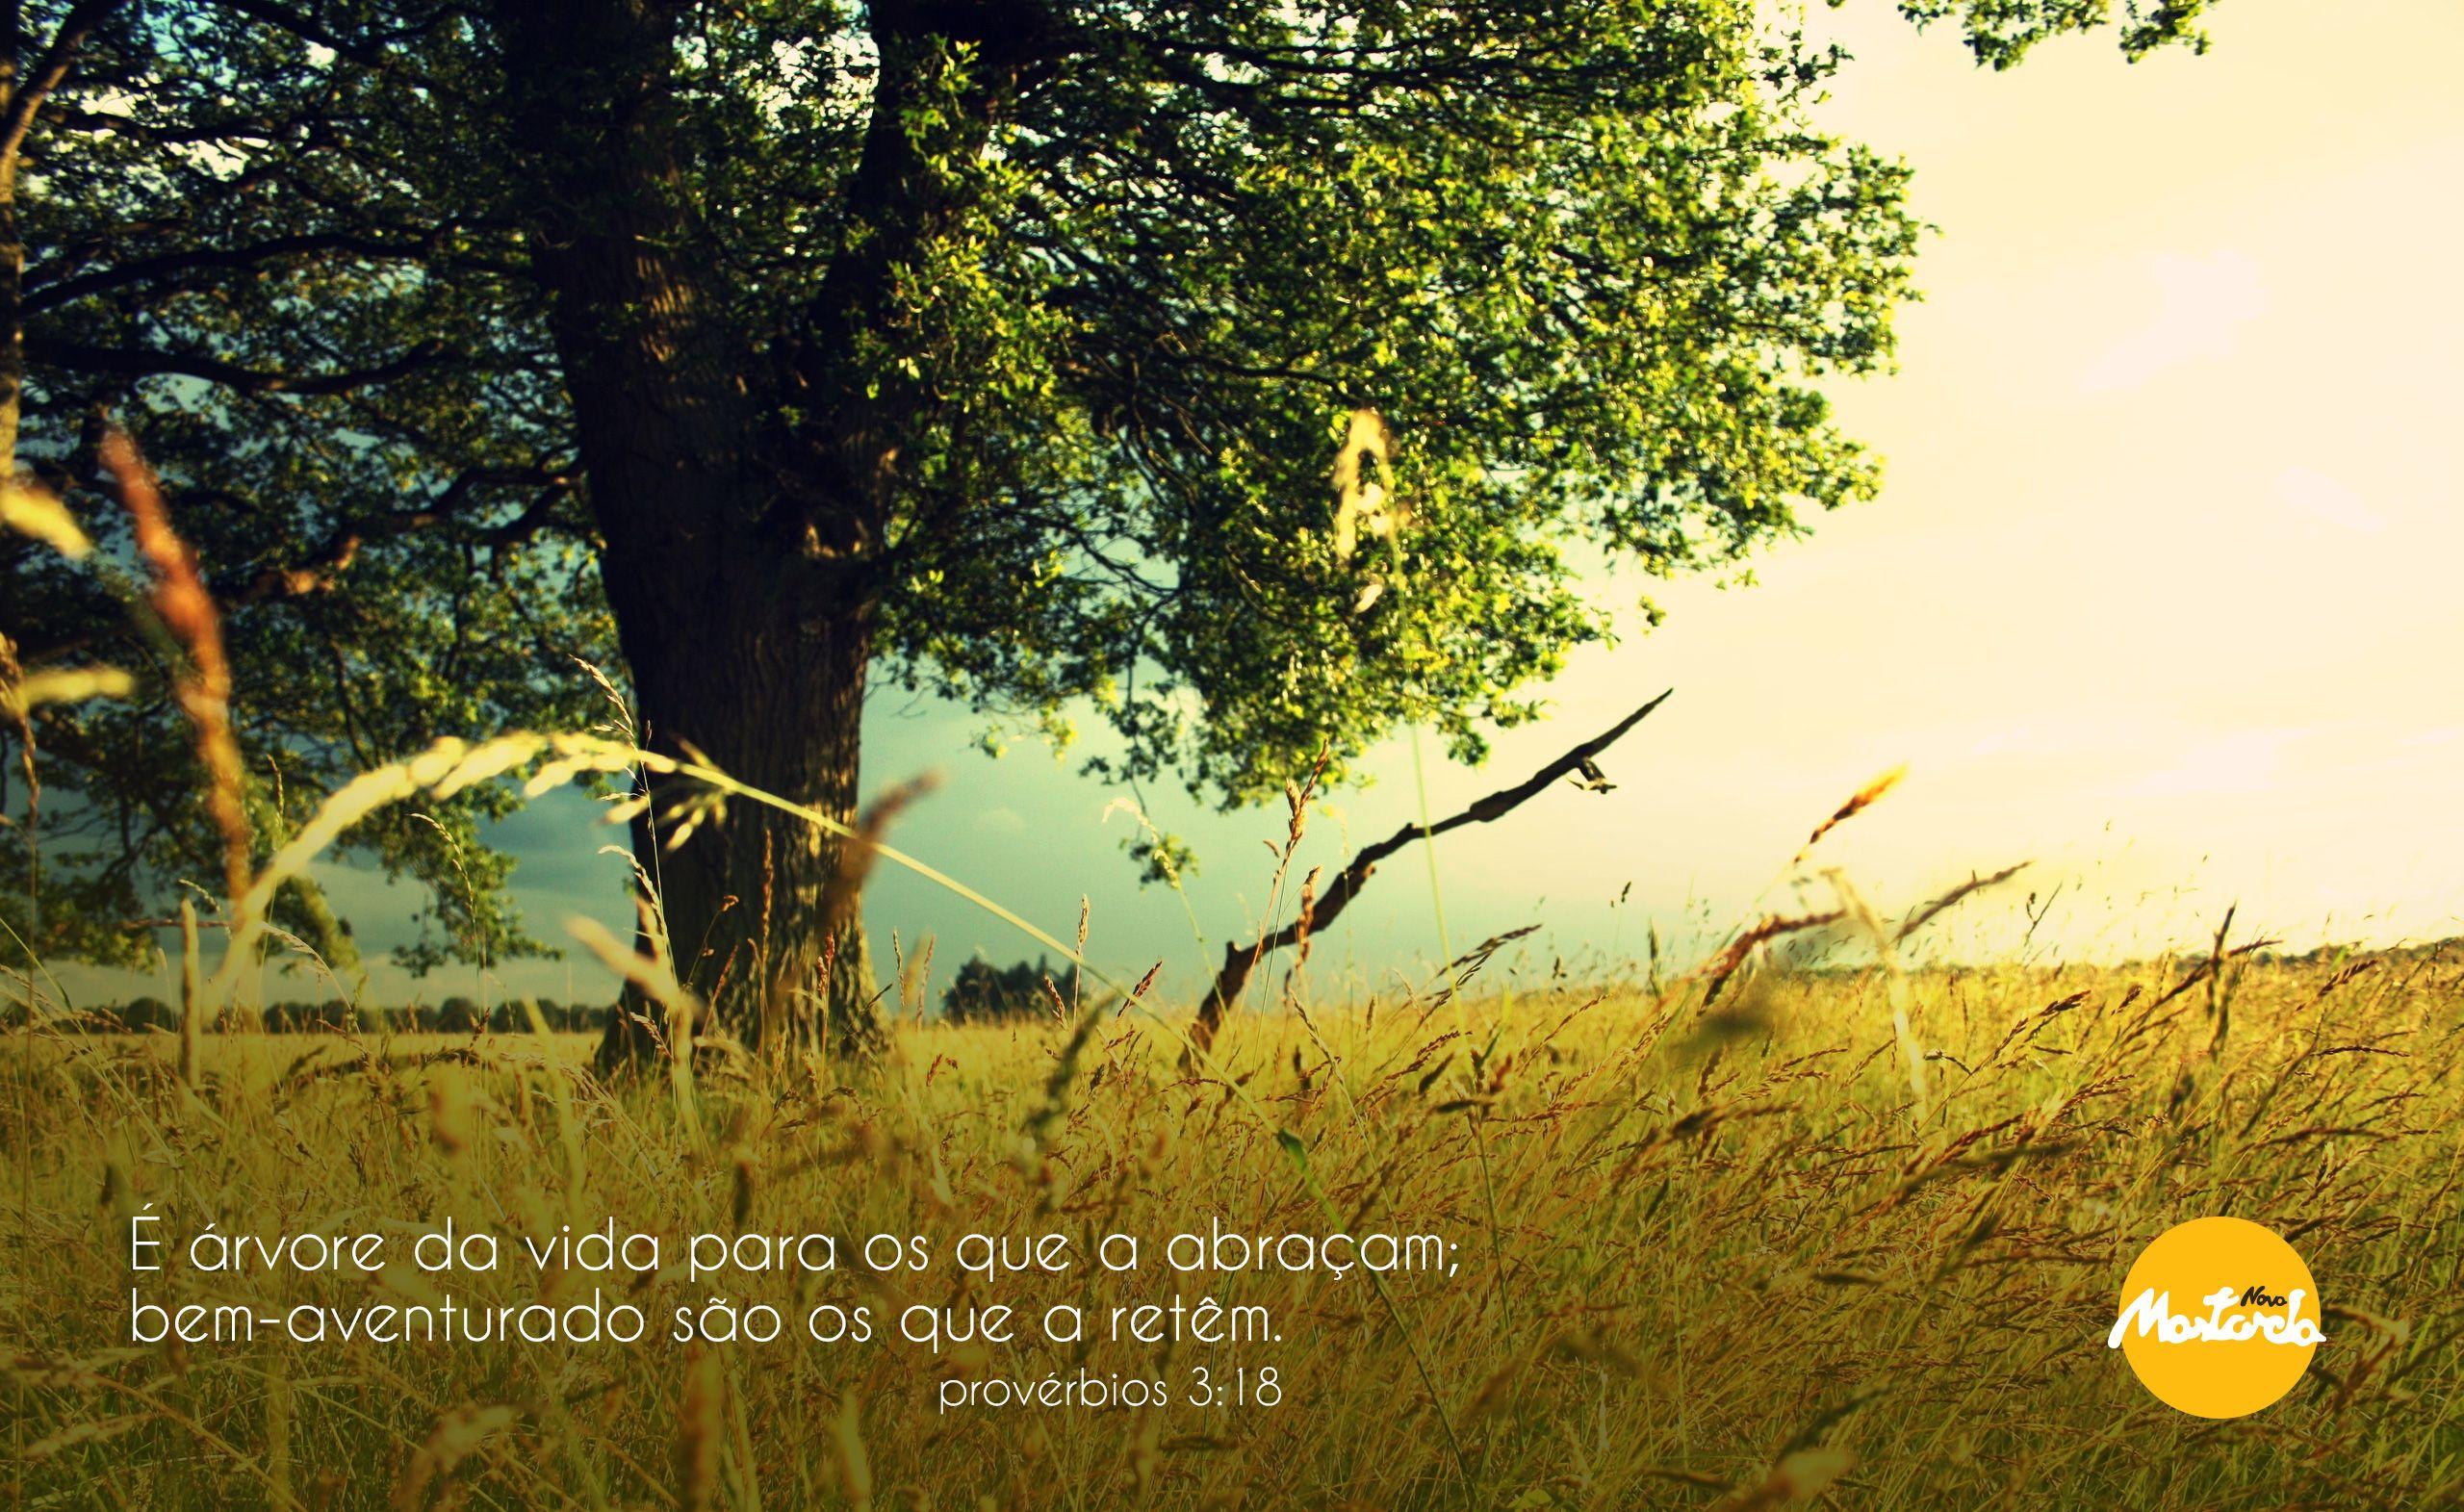 Provérbios 3:18